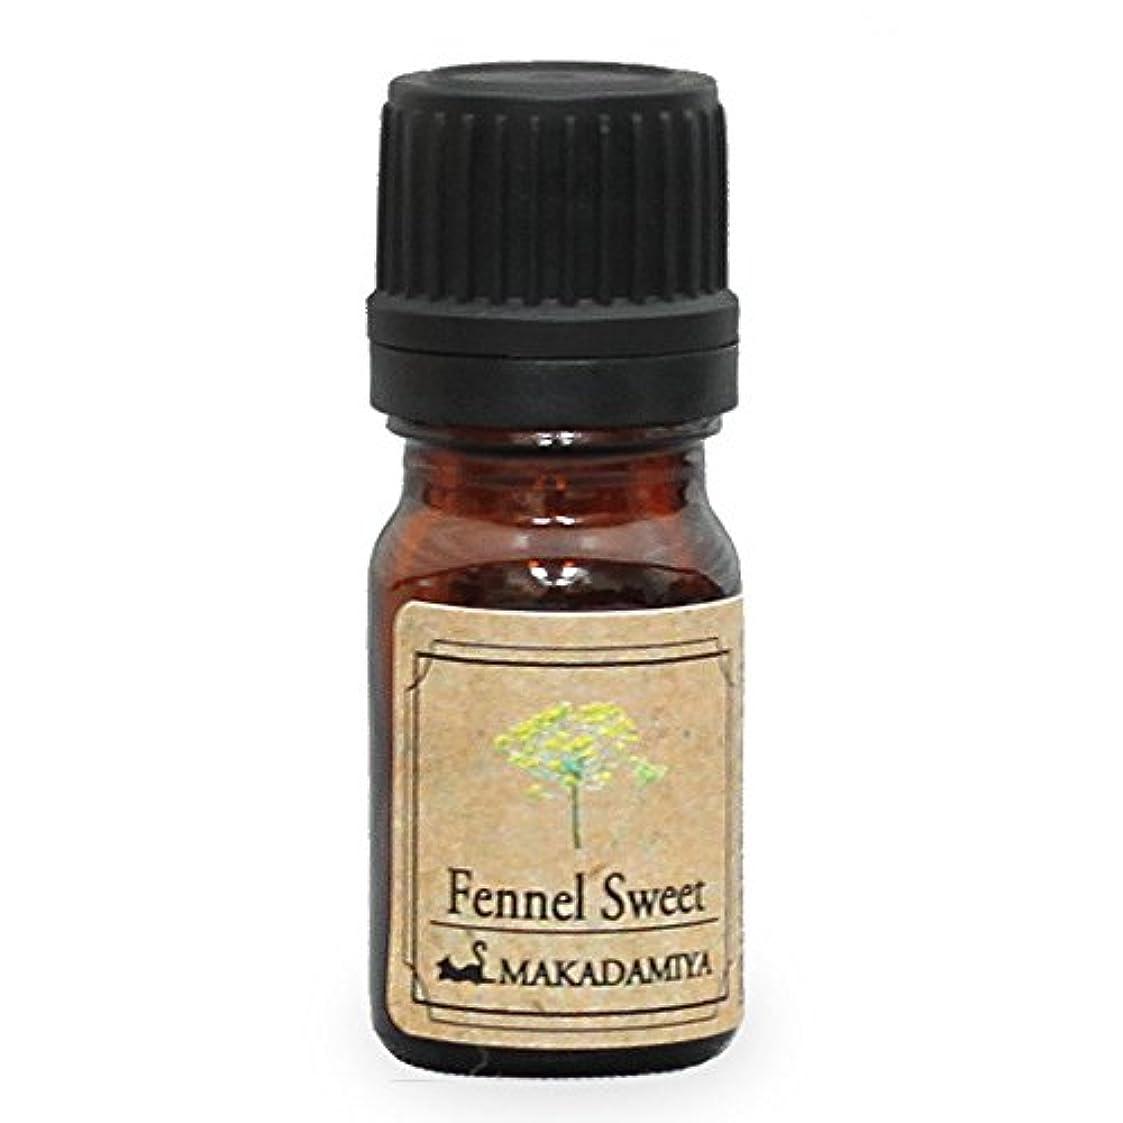 スタッフ剣銀フェンネルスウィート5ml天然100%植物性エッセンシャルオイル(精油)アロマオイルアロママッサージアロマテラピーaroma Fennel Sweet